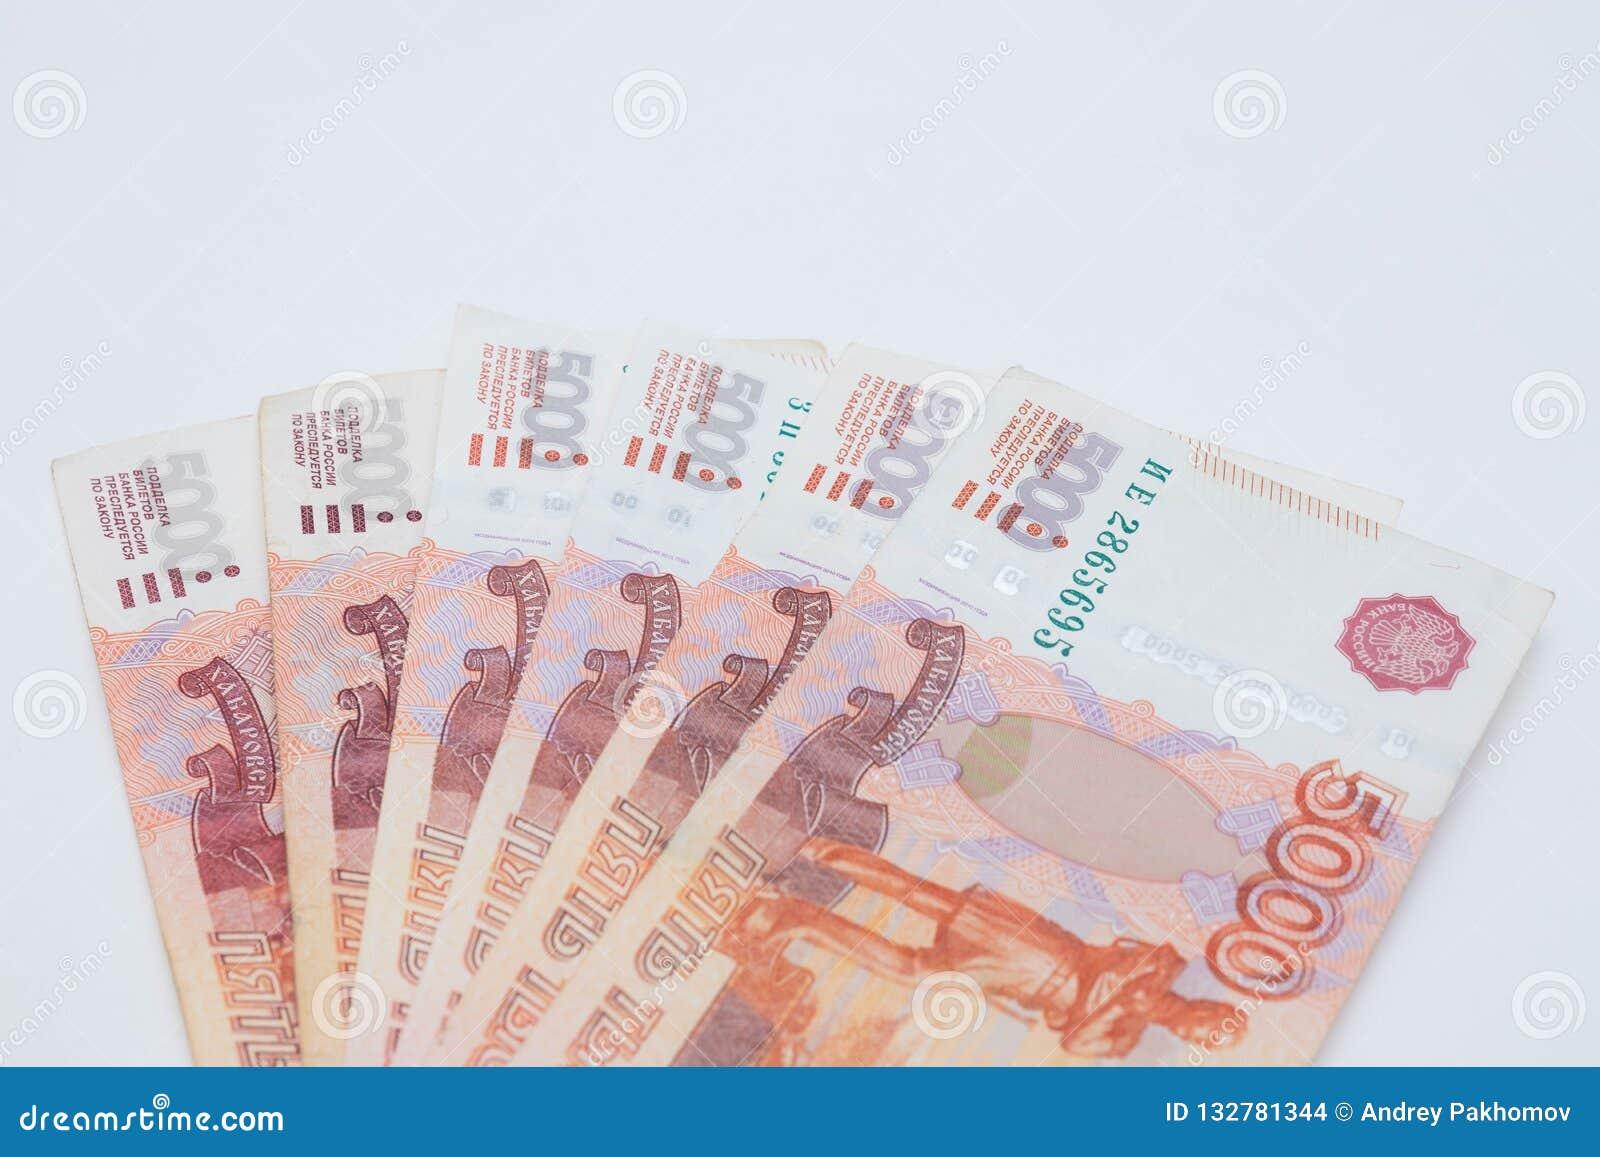 Studiobild 5000 Rubel Bargeld fünf tausend der makro russischen Währung der Russischen Föderation